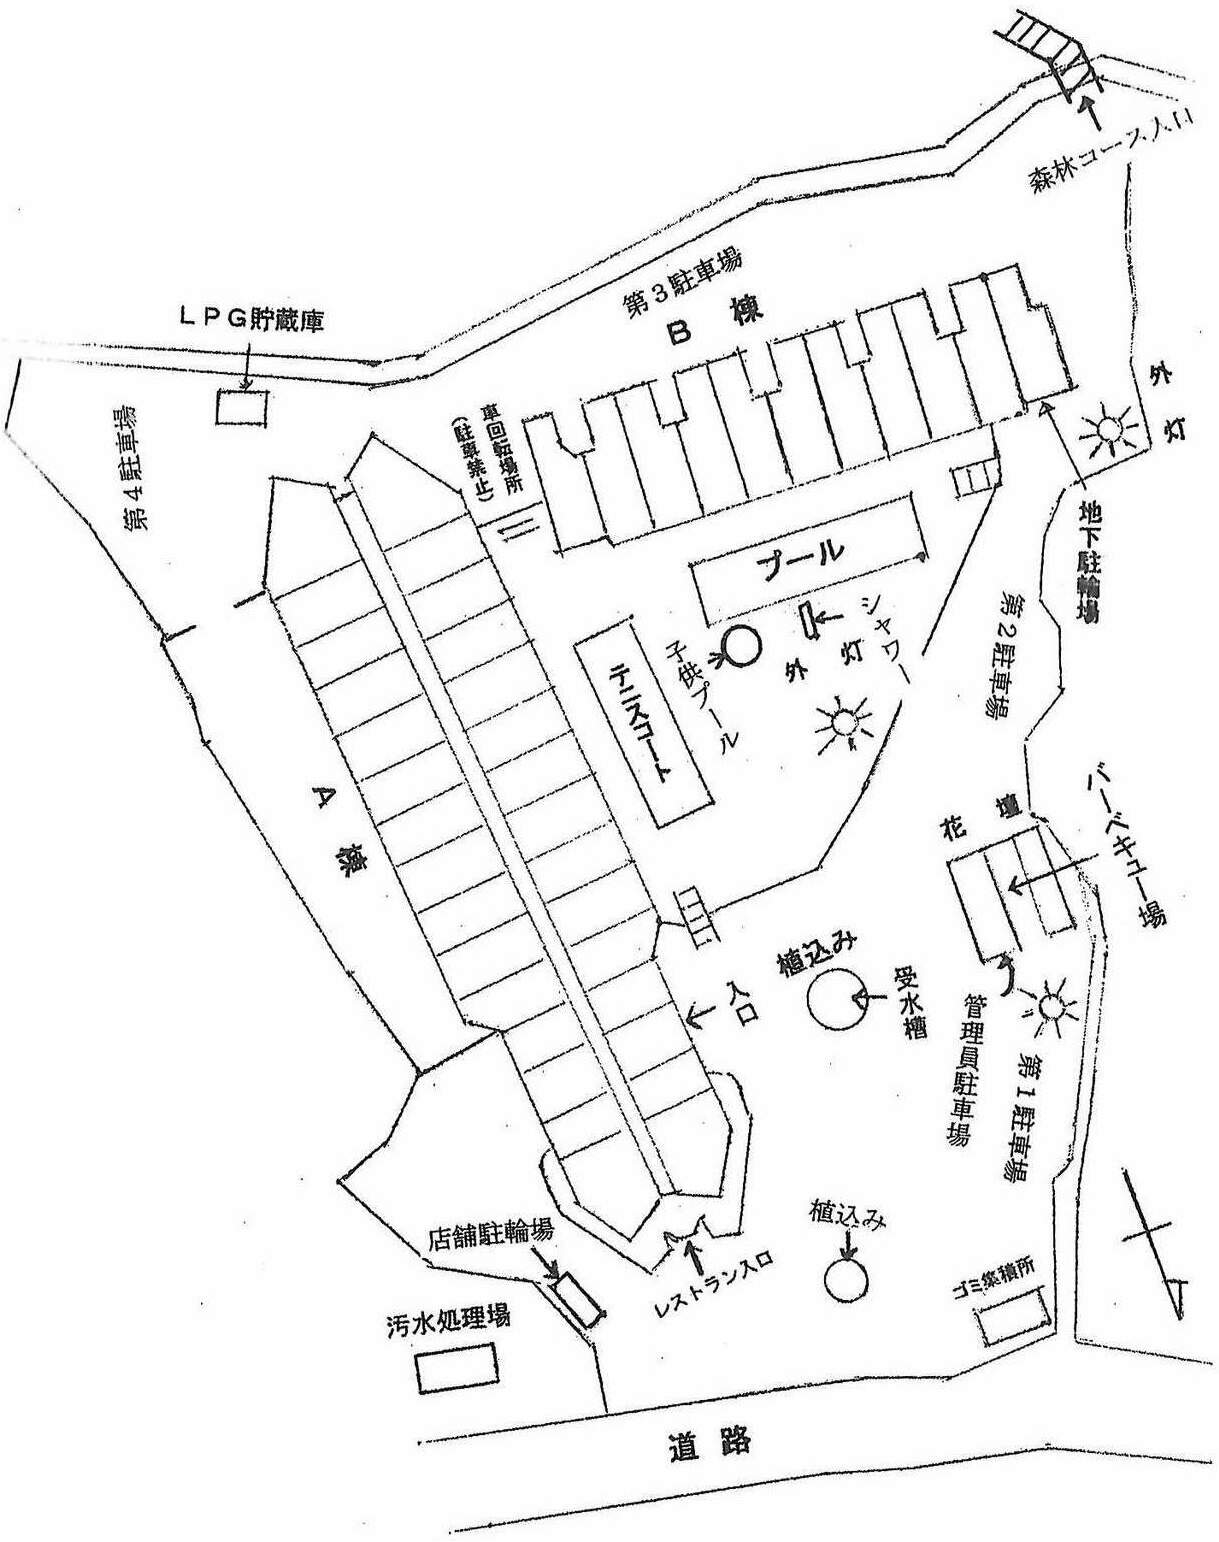 館山市洲崎ロイヤルマンション敷地概略図